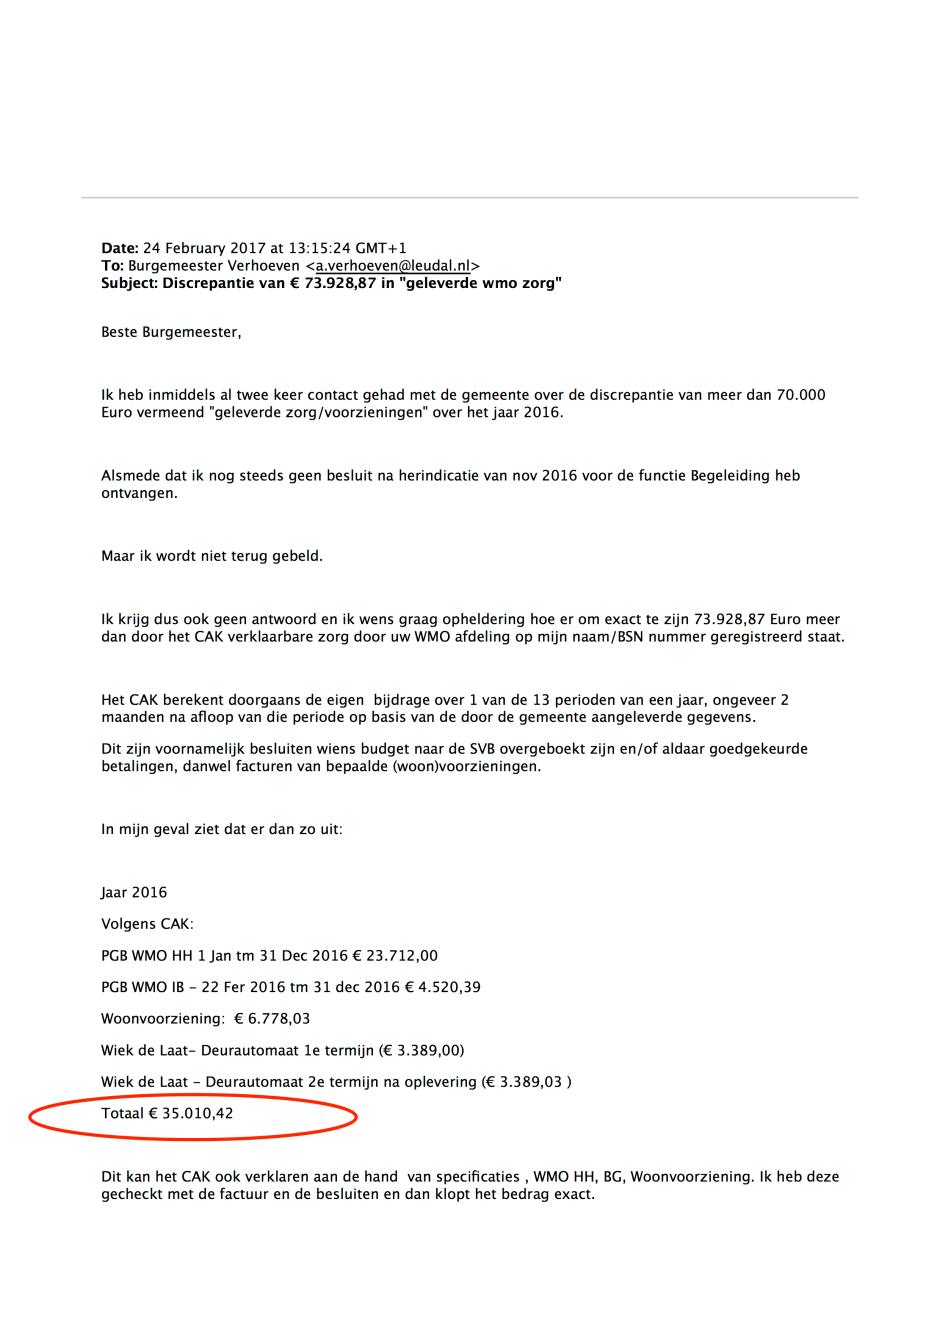 """Mail 24 feb 2017 -Pag 1 - Doofpot wmo Leudal Discrepantie van € 73.928,87 in """"geleverde wmo zorg"""""""